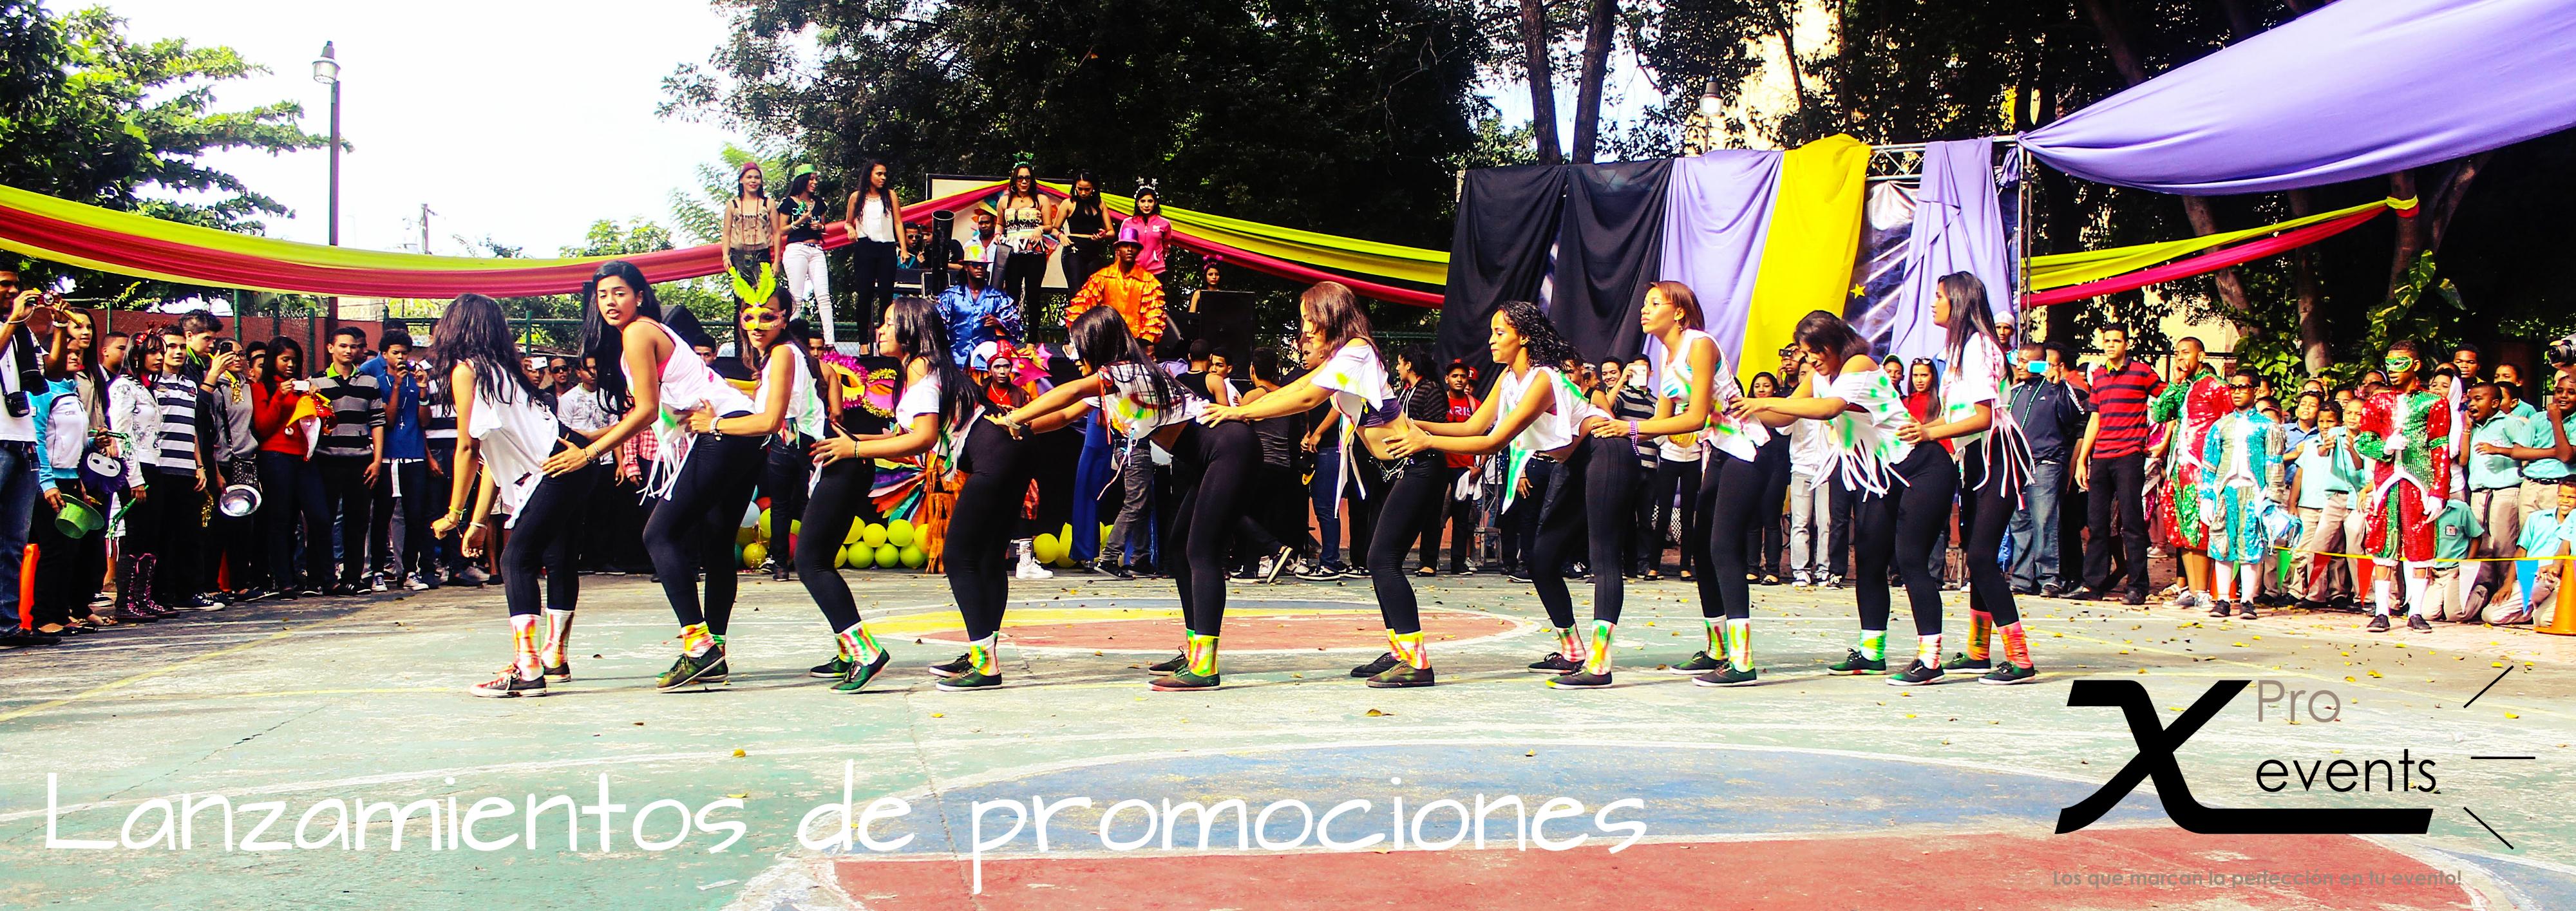 X Pro events  - 809-846-3784 - Experiencia con los principales colegios nacional